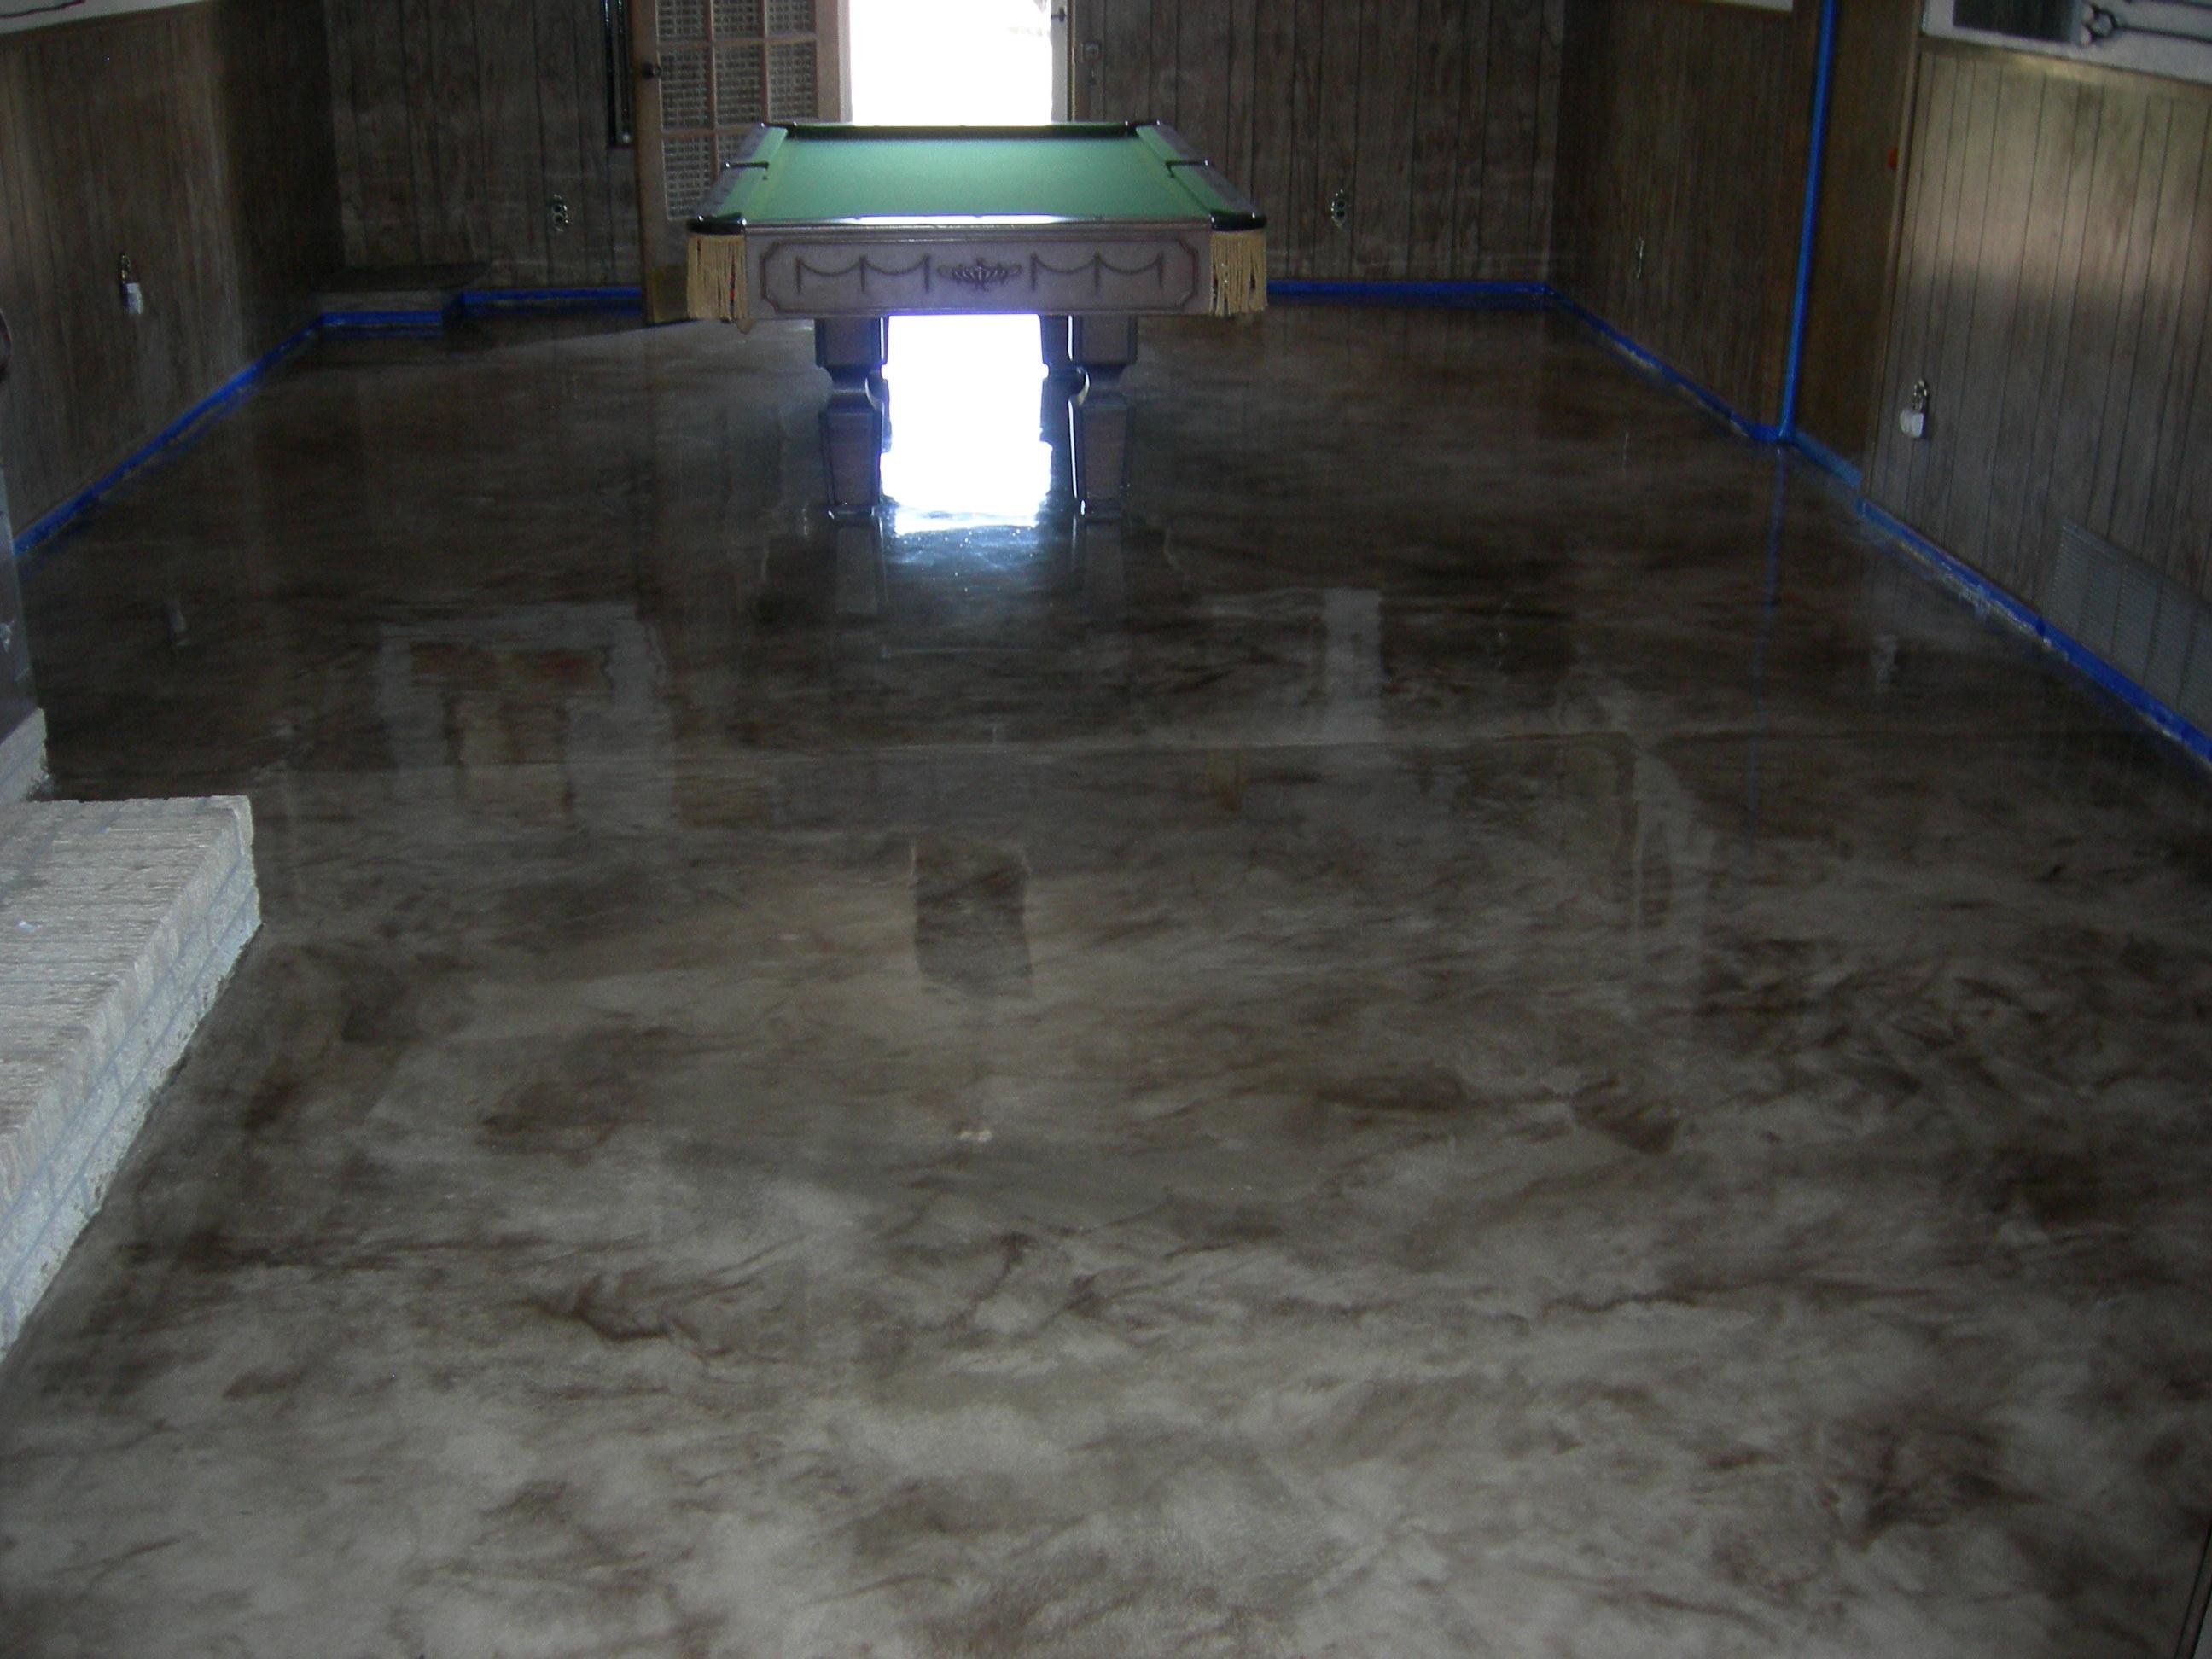 Residential game room floor